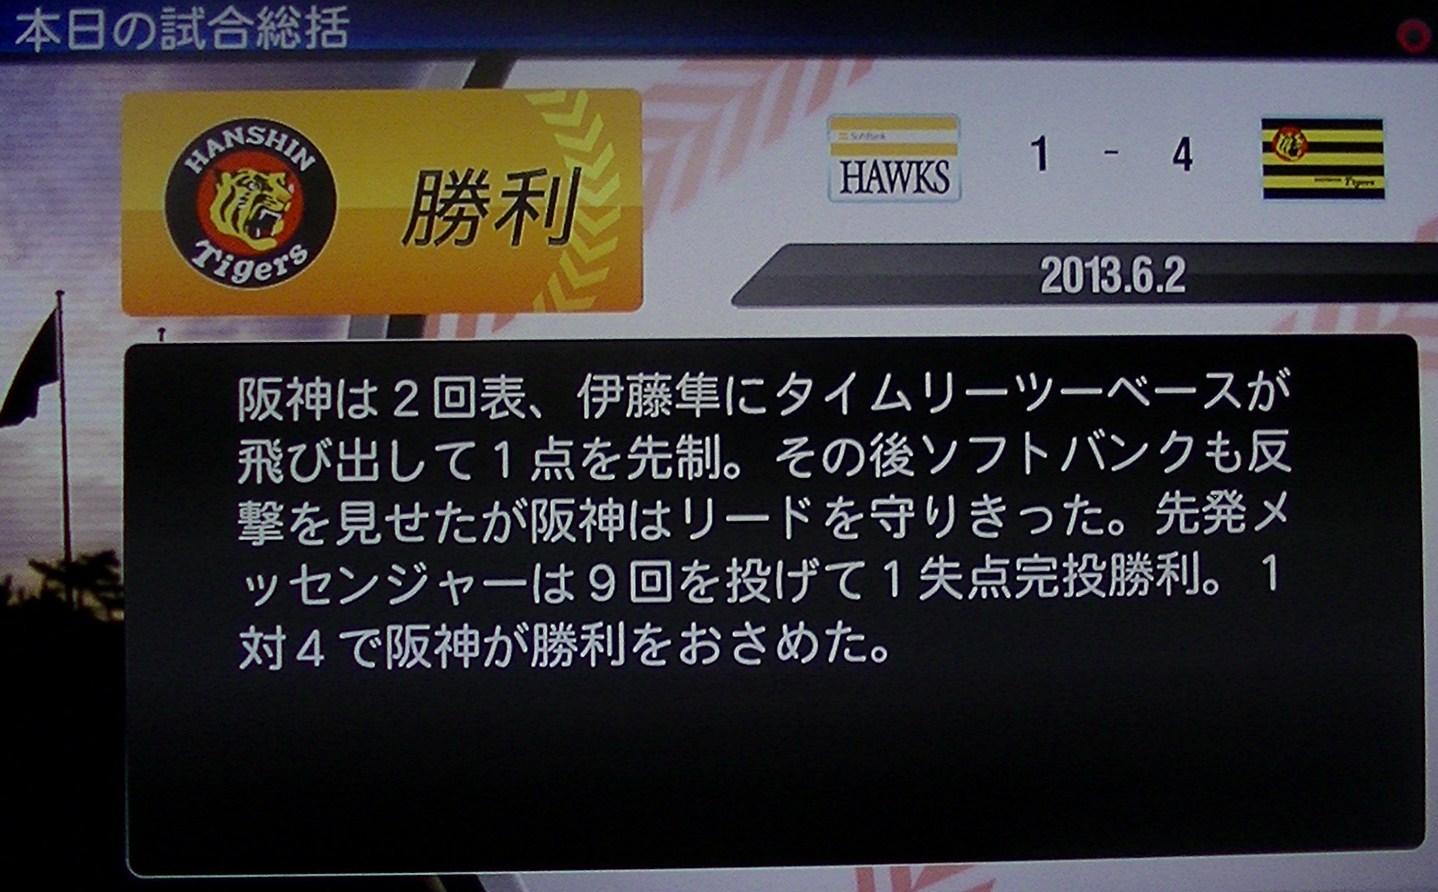 プロスピ2013対ソフトバンク3回戦(ビジター)H25.6.2分 018